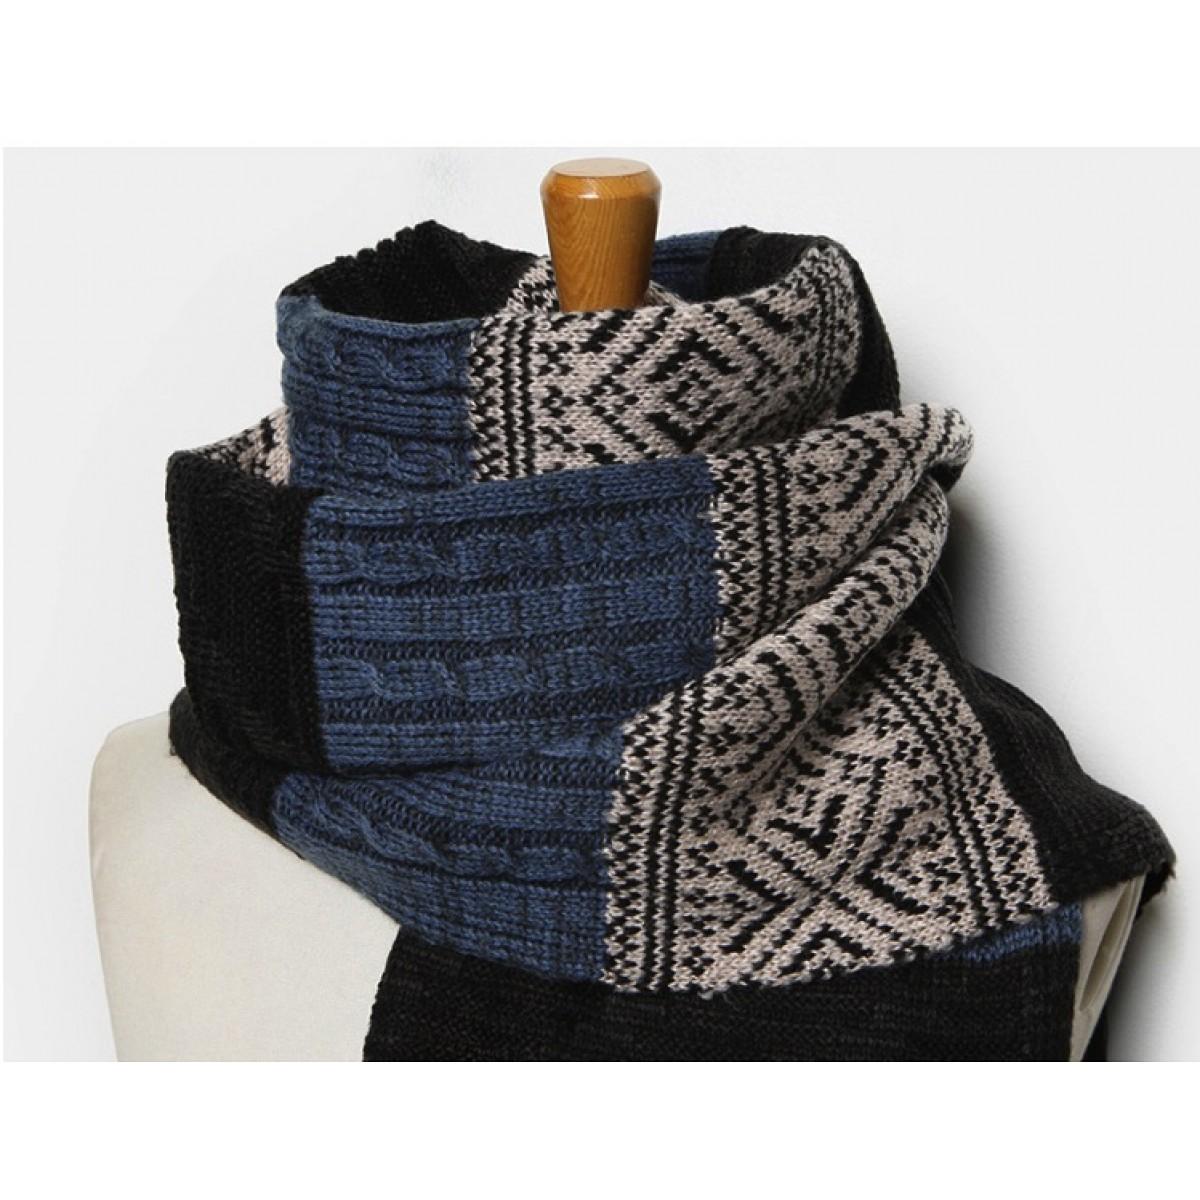 71c35075a9dd Echarpe hiver homme - Idée pour s habiller